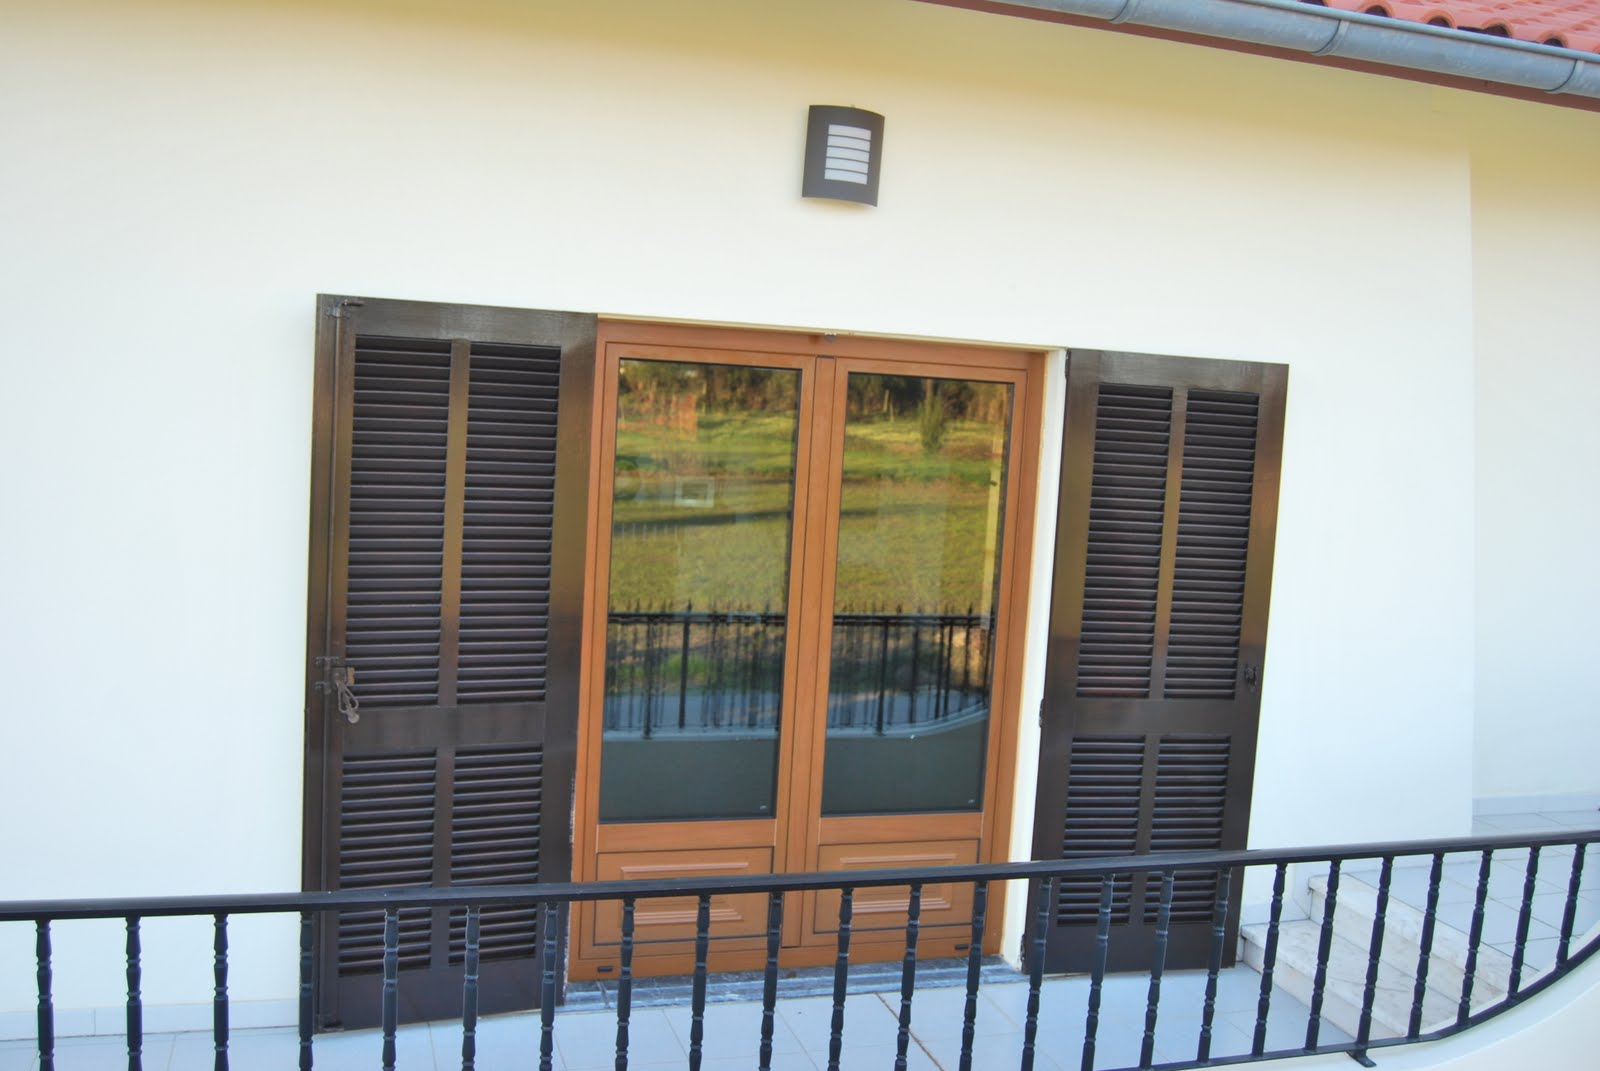 #376794 casa com janelas: Substituição madeira por alumínio ruptura  56 Janelas De Vidro Duplo Brasil